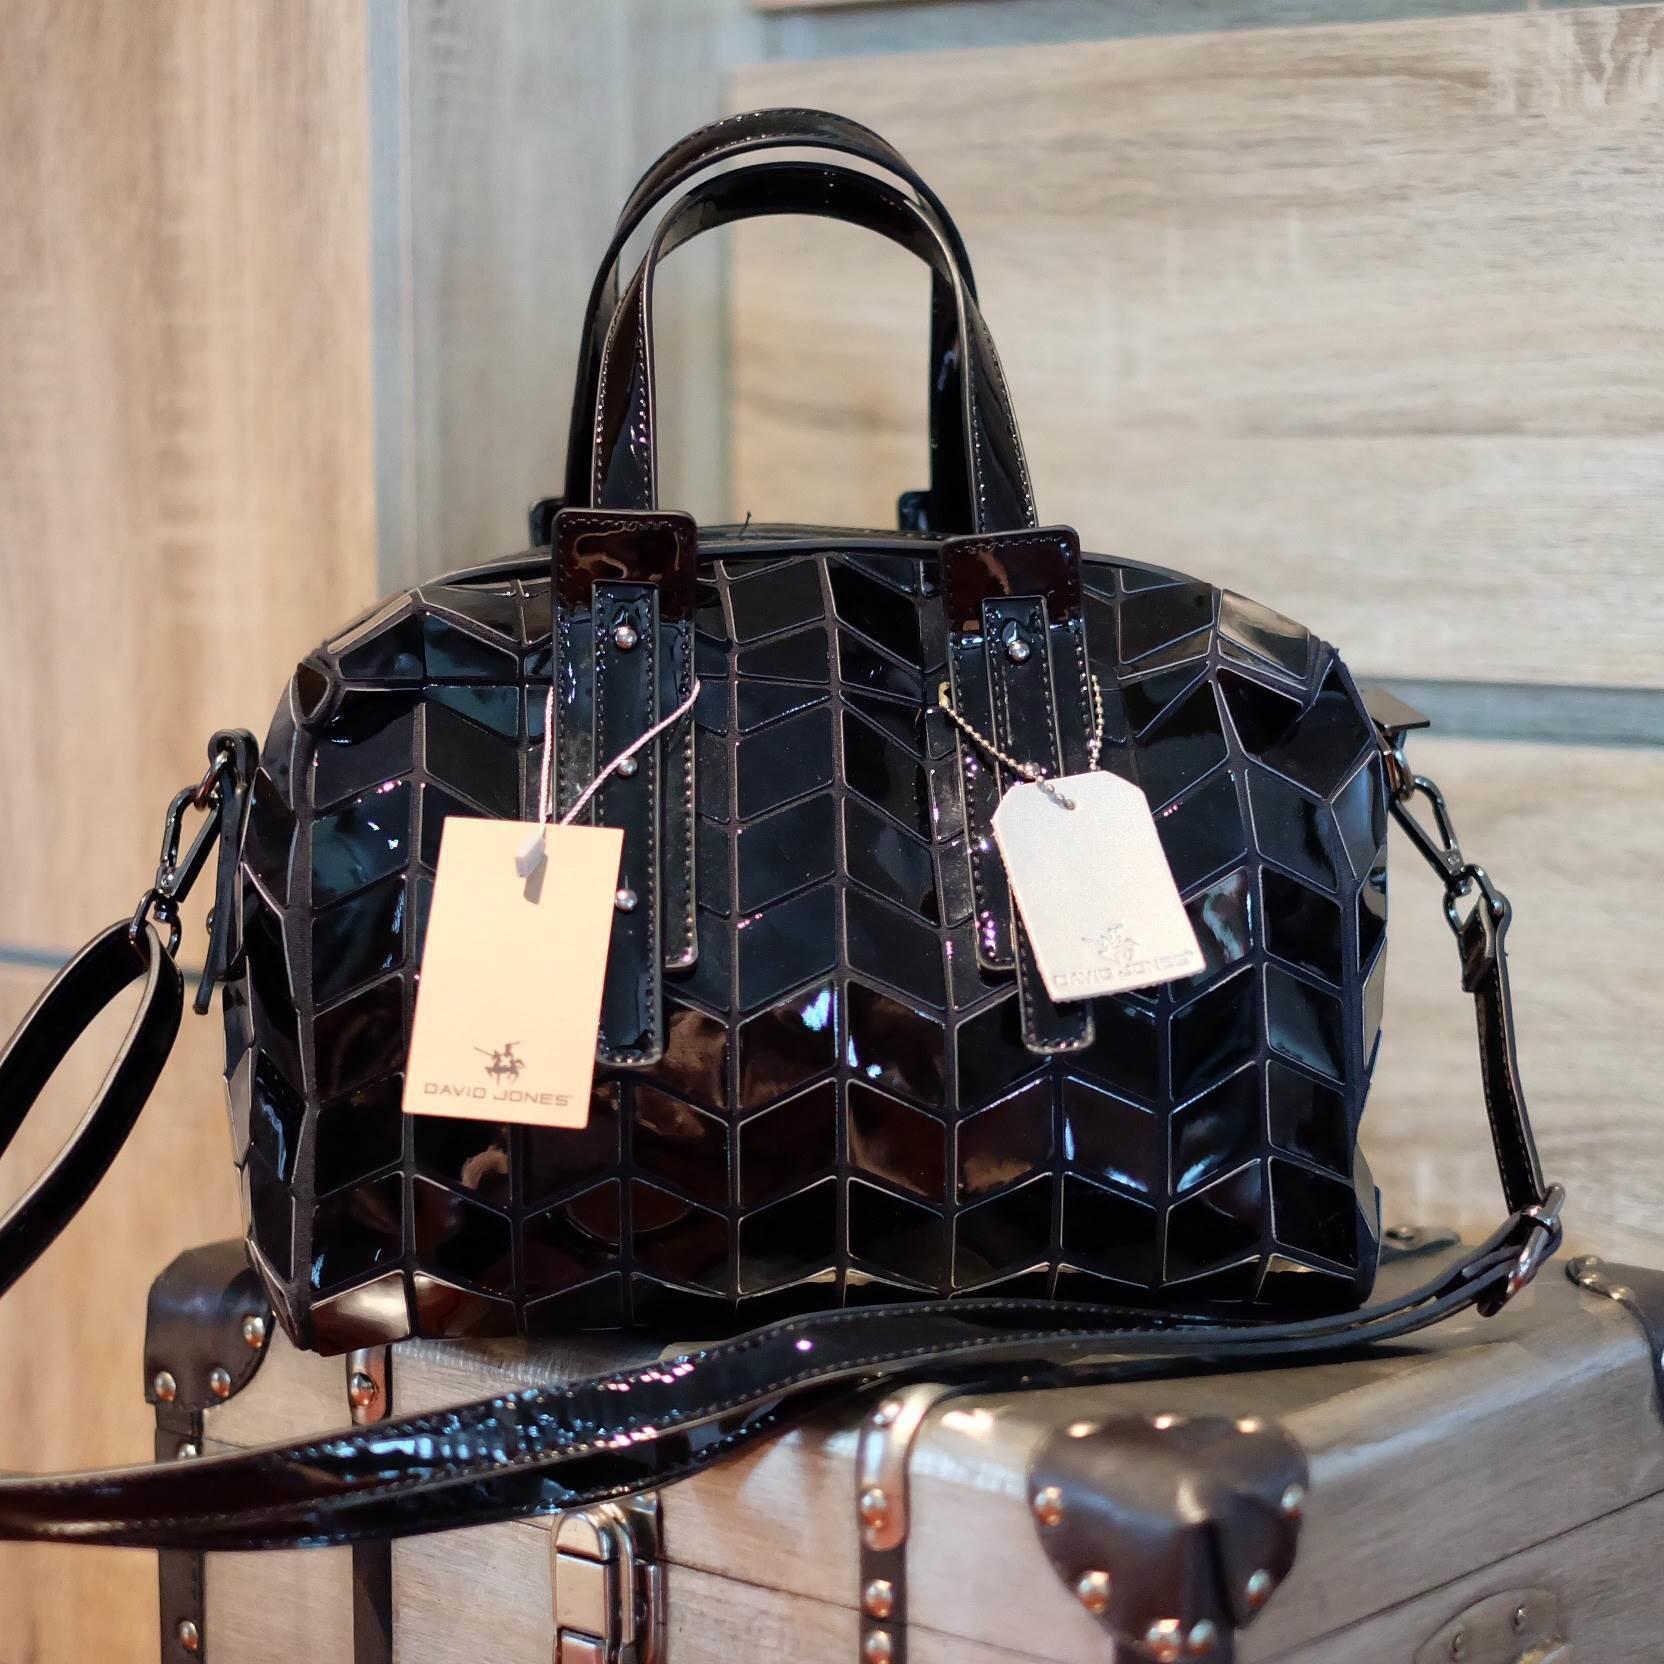 กระเป๋า David Jones กระเป๋าสะพายข้างดีไซน์เกร๋มาก สีดำเงาสวยหรูมาก ขนาดกะลังดีเลย